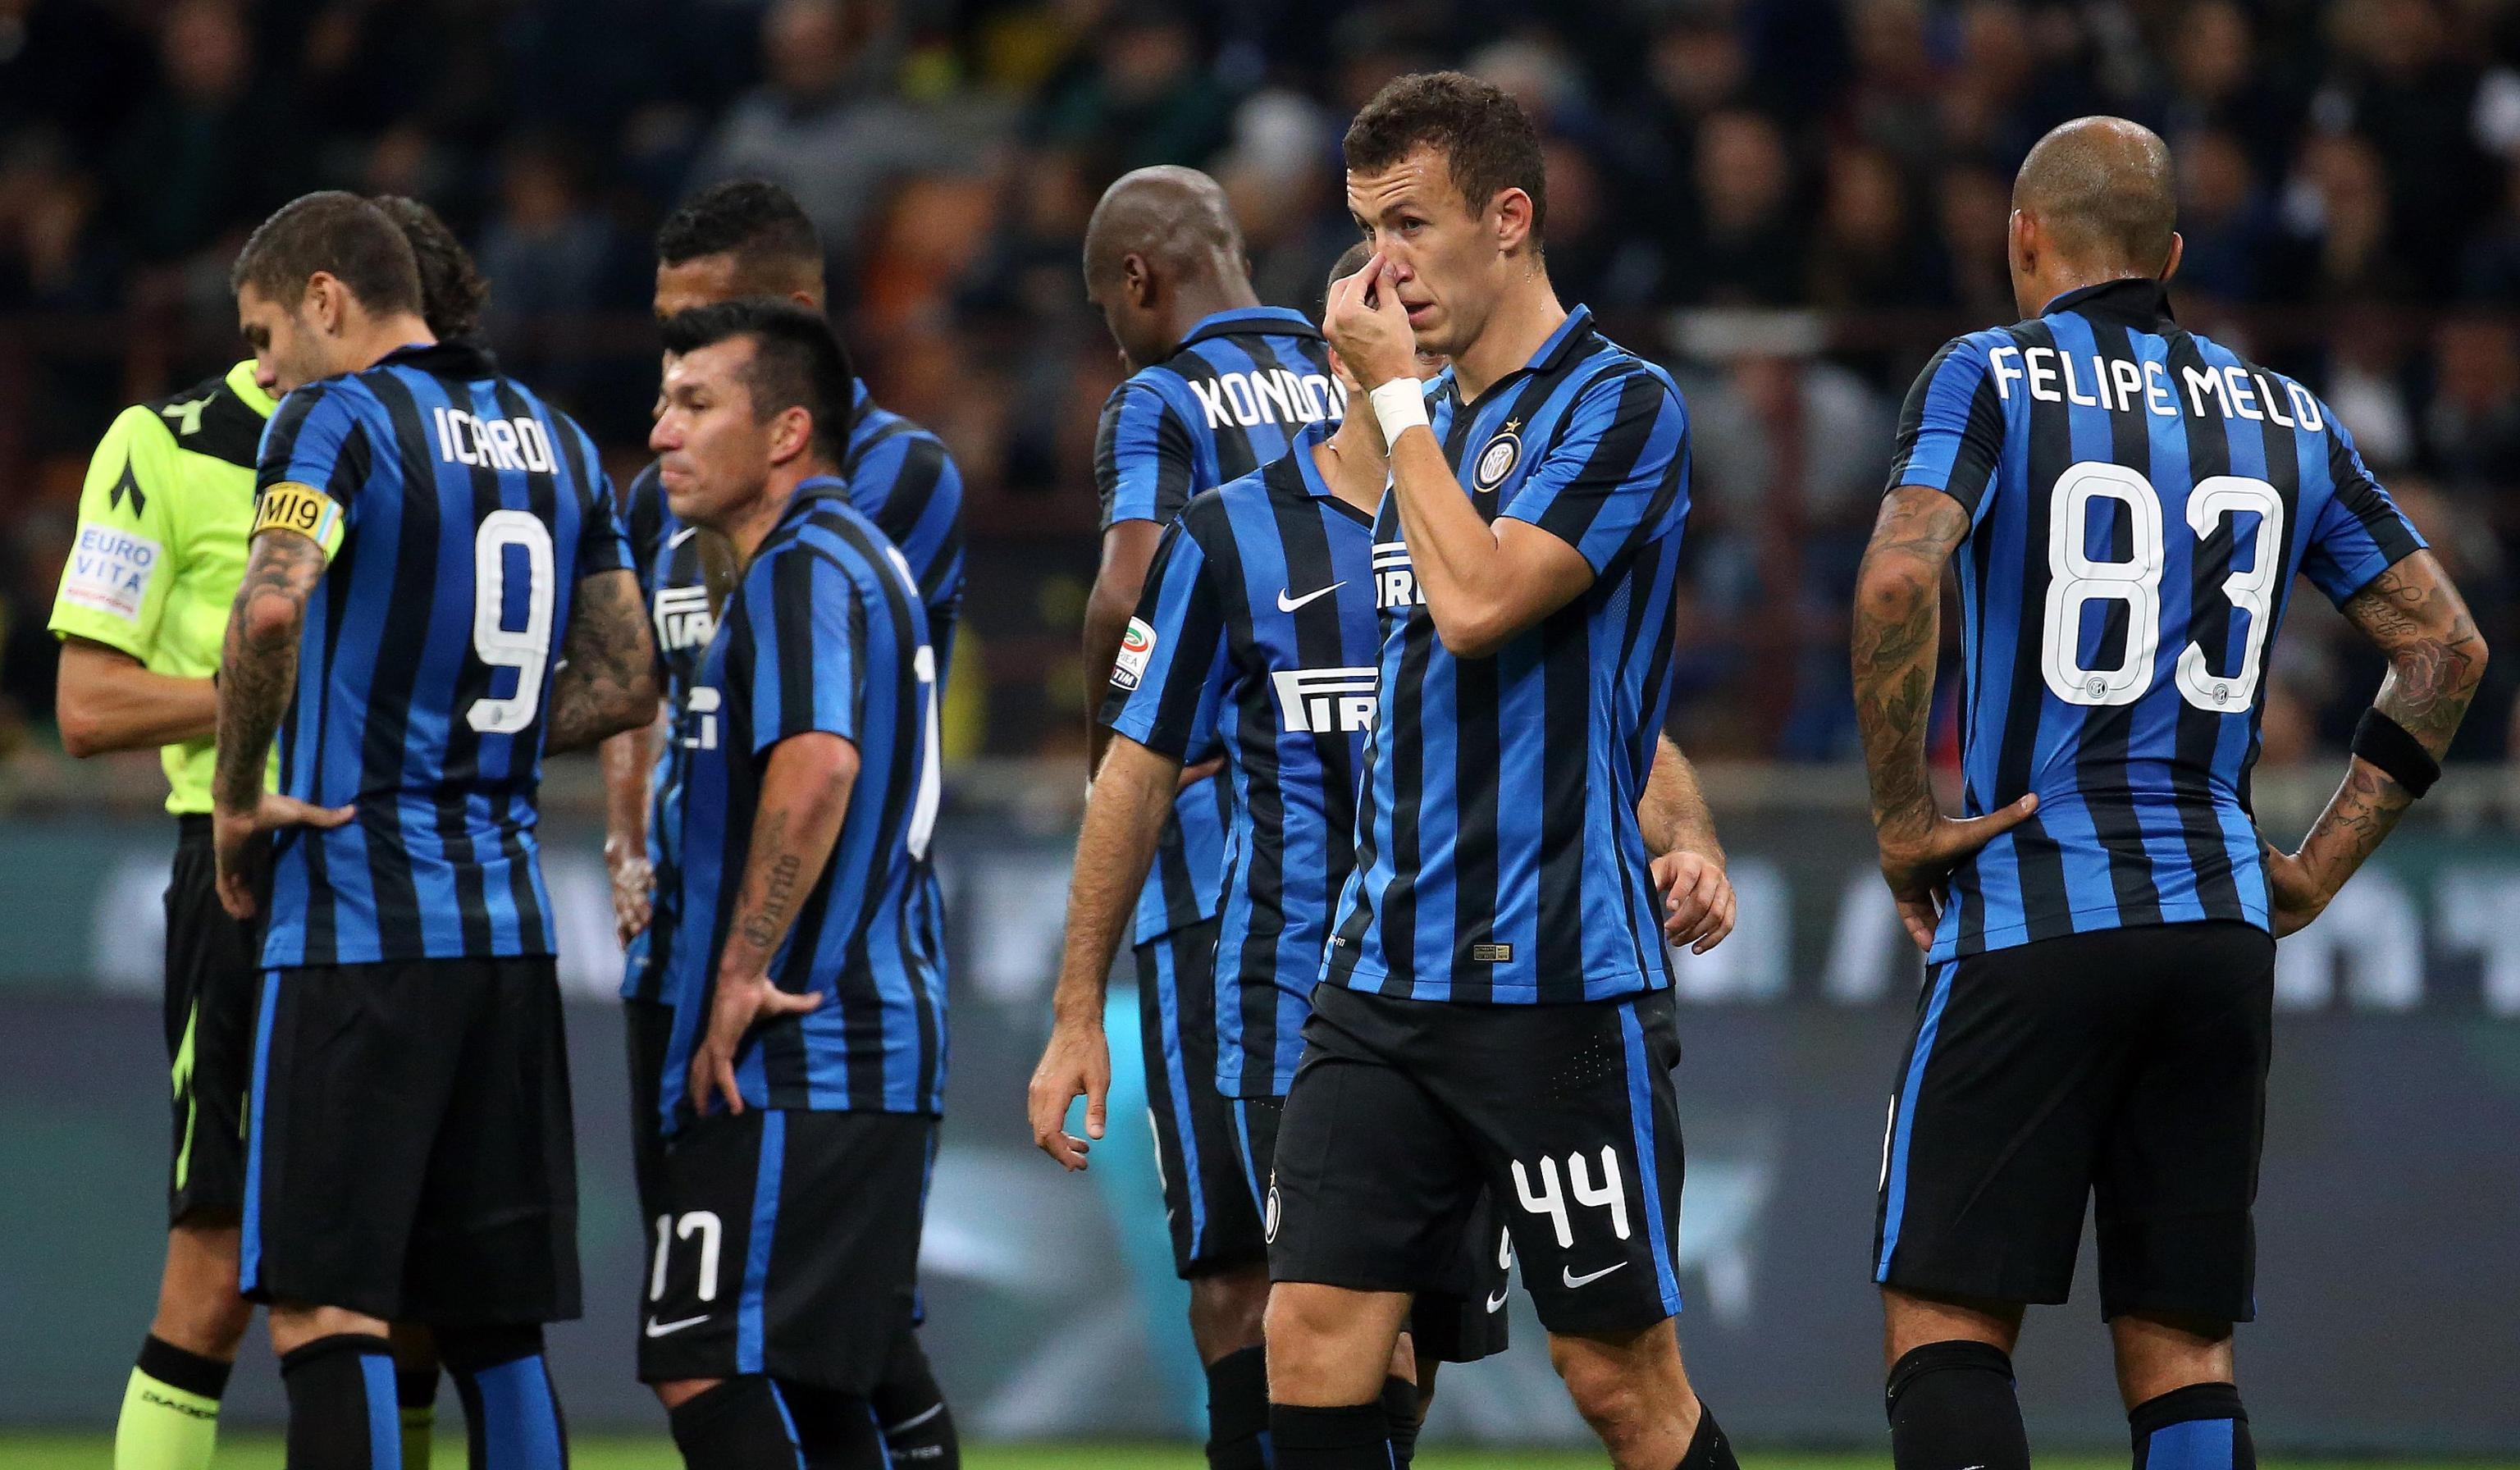 El lienzo con el que los hinchas del Inter reventaron a Gary Medel y sus compañeros por magra campaña